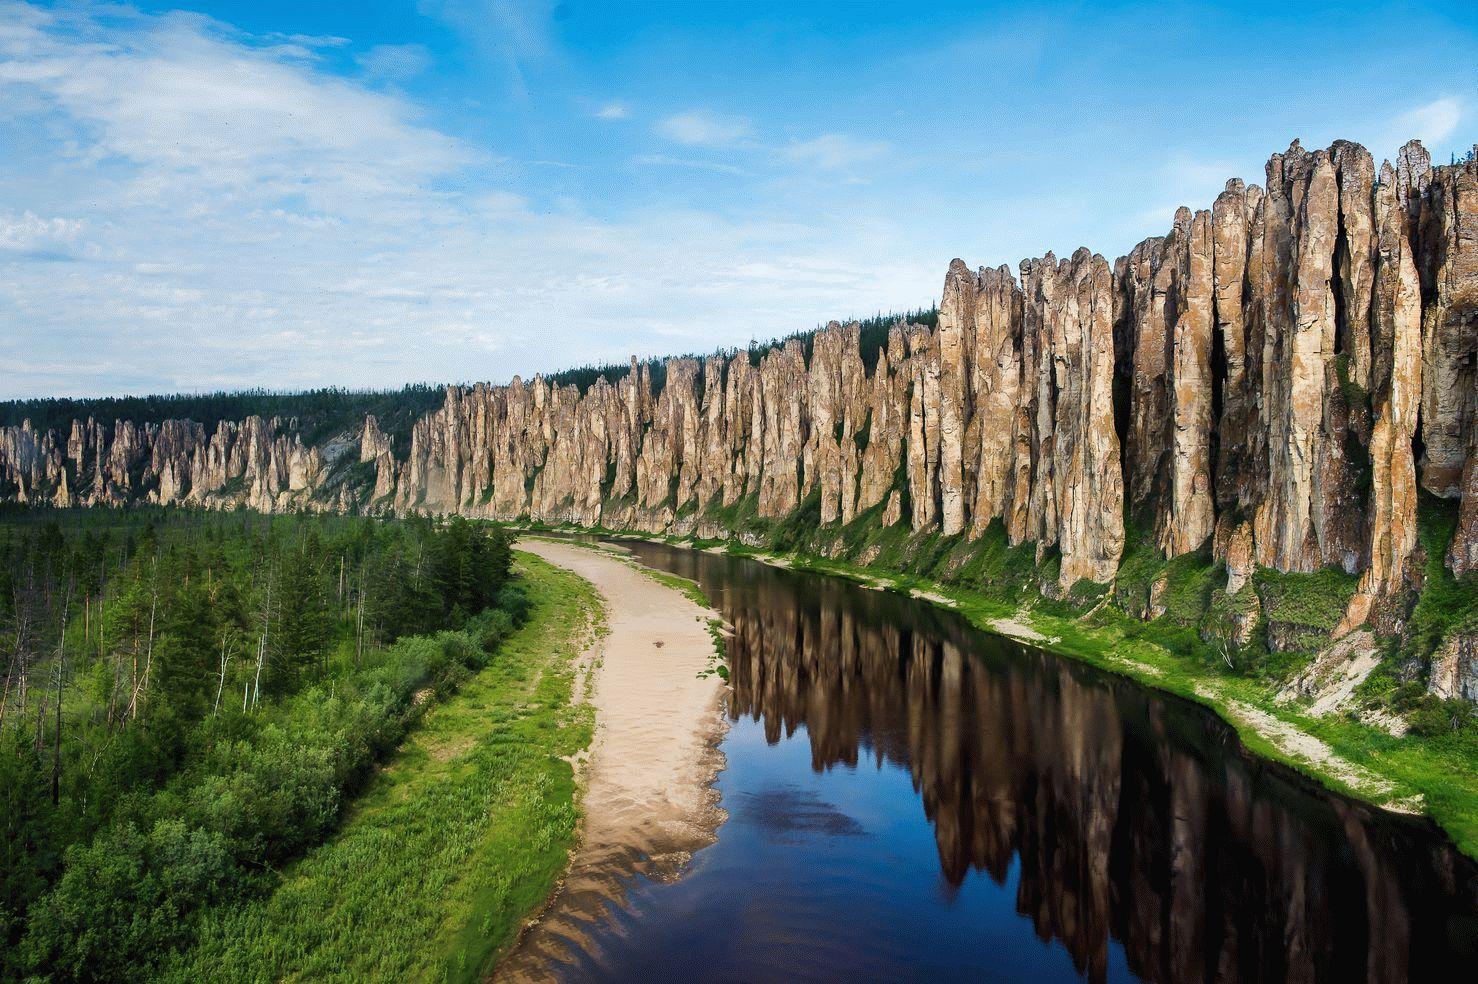 Ленские столбы интересные факты. Природный парк Ленские столбы: фото, экскурсия, факты